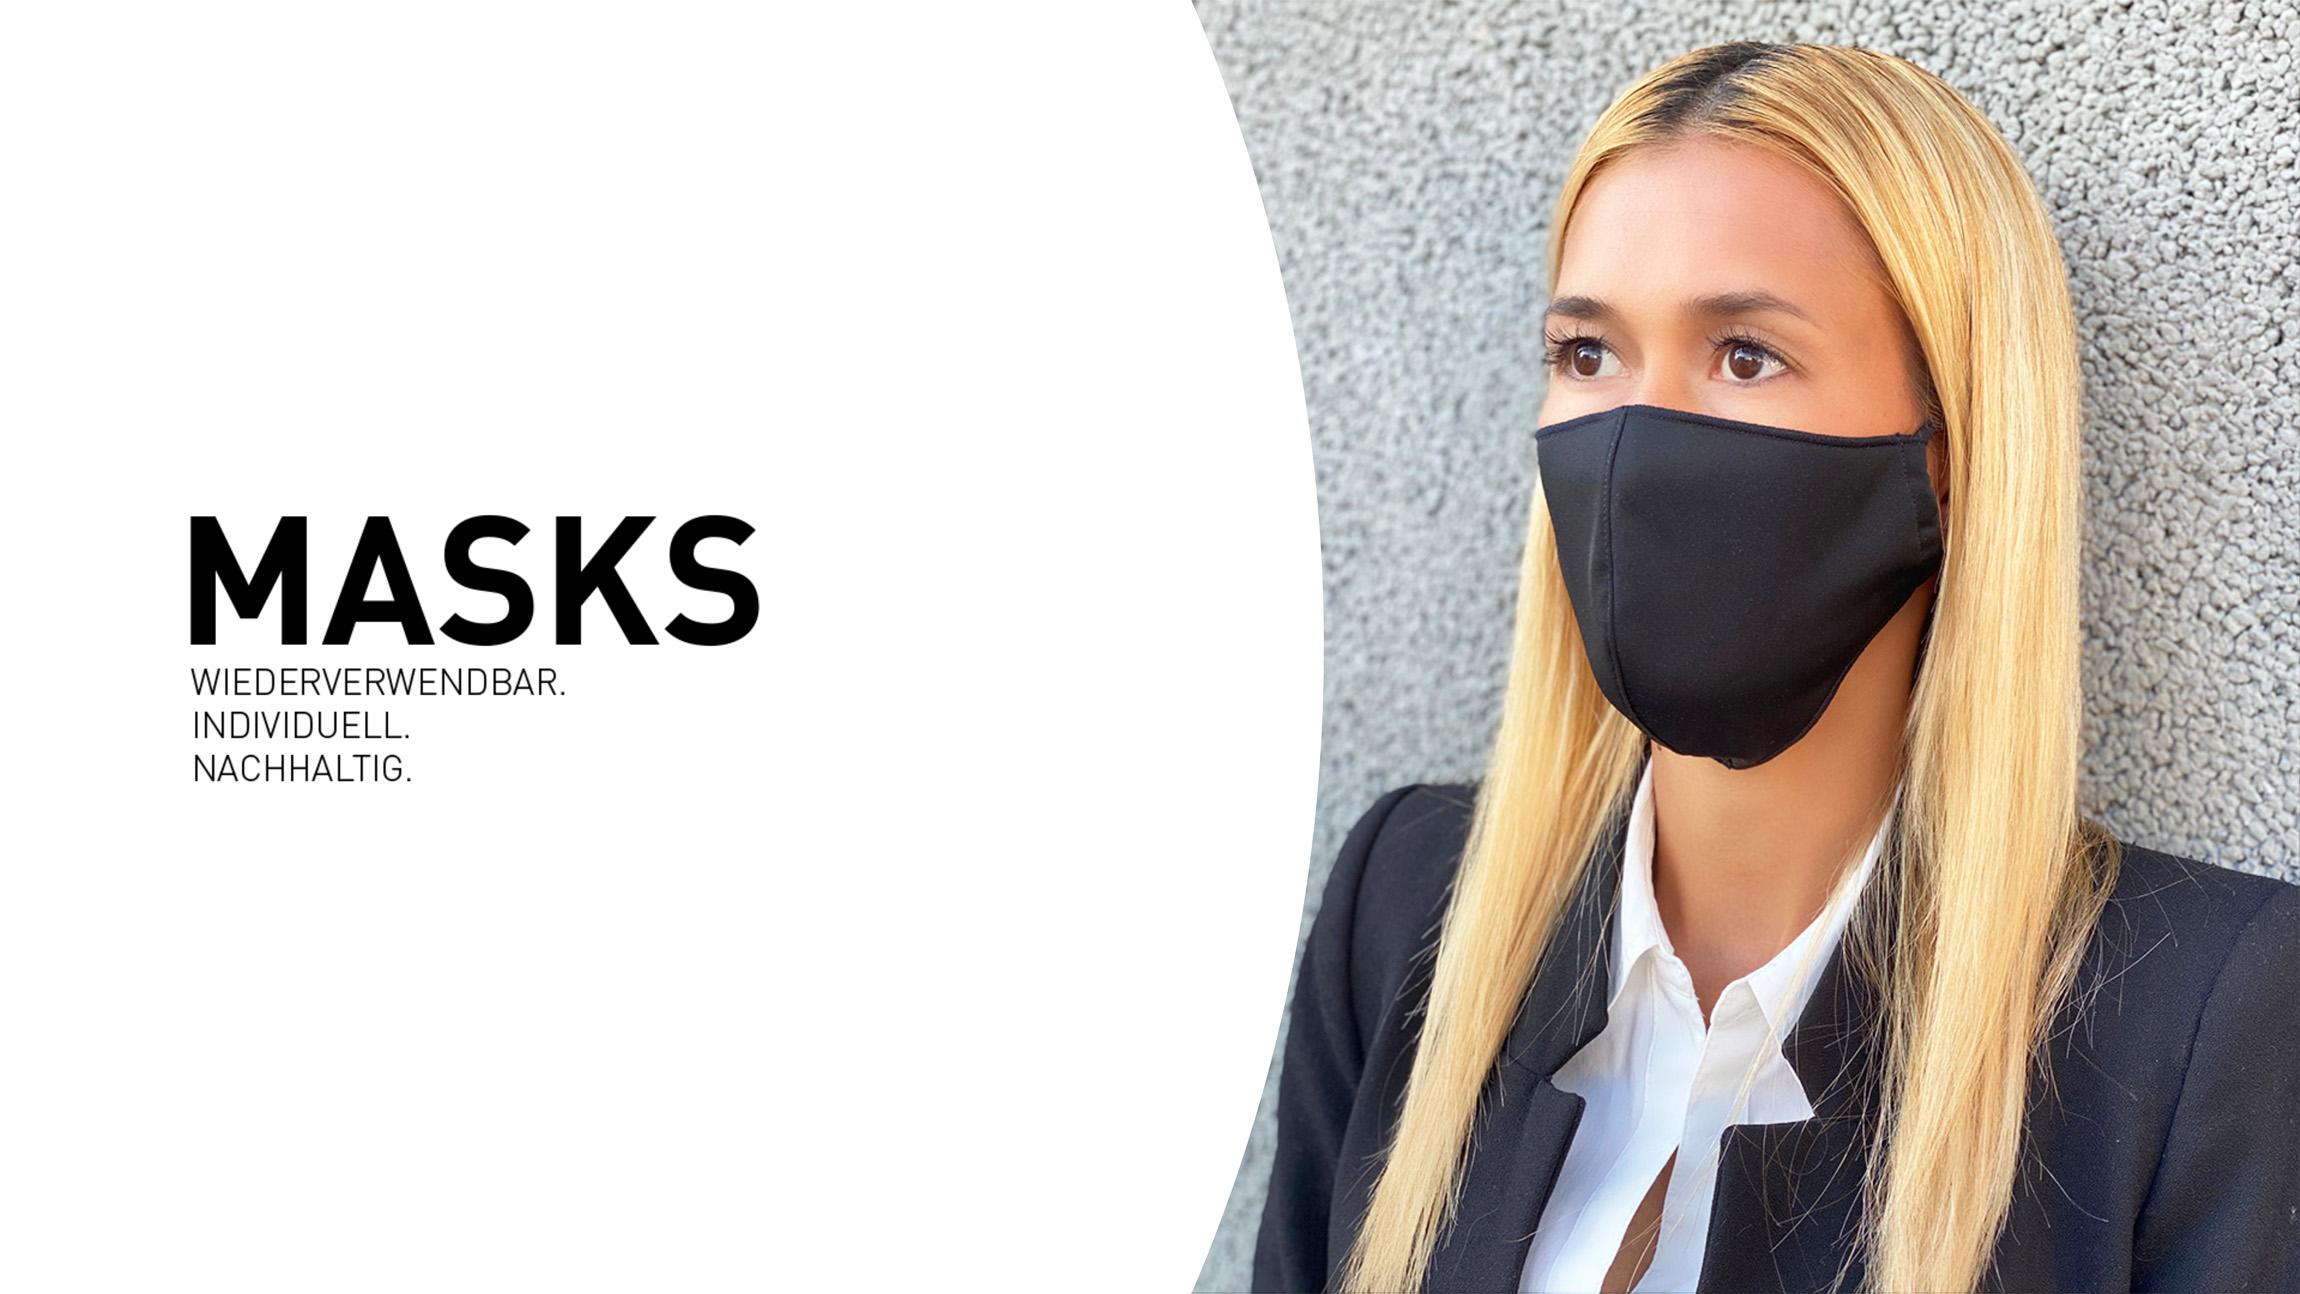 personalisierte-stoffmasken-seite1